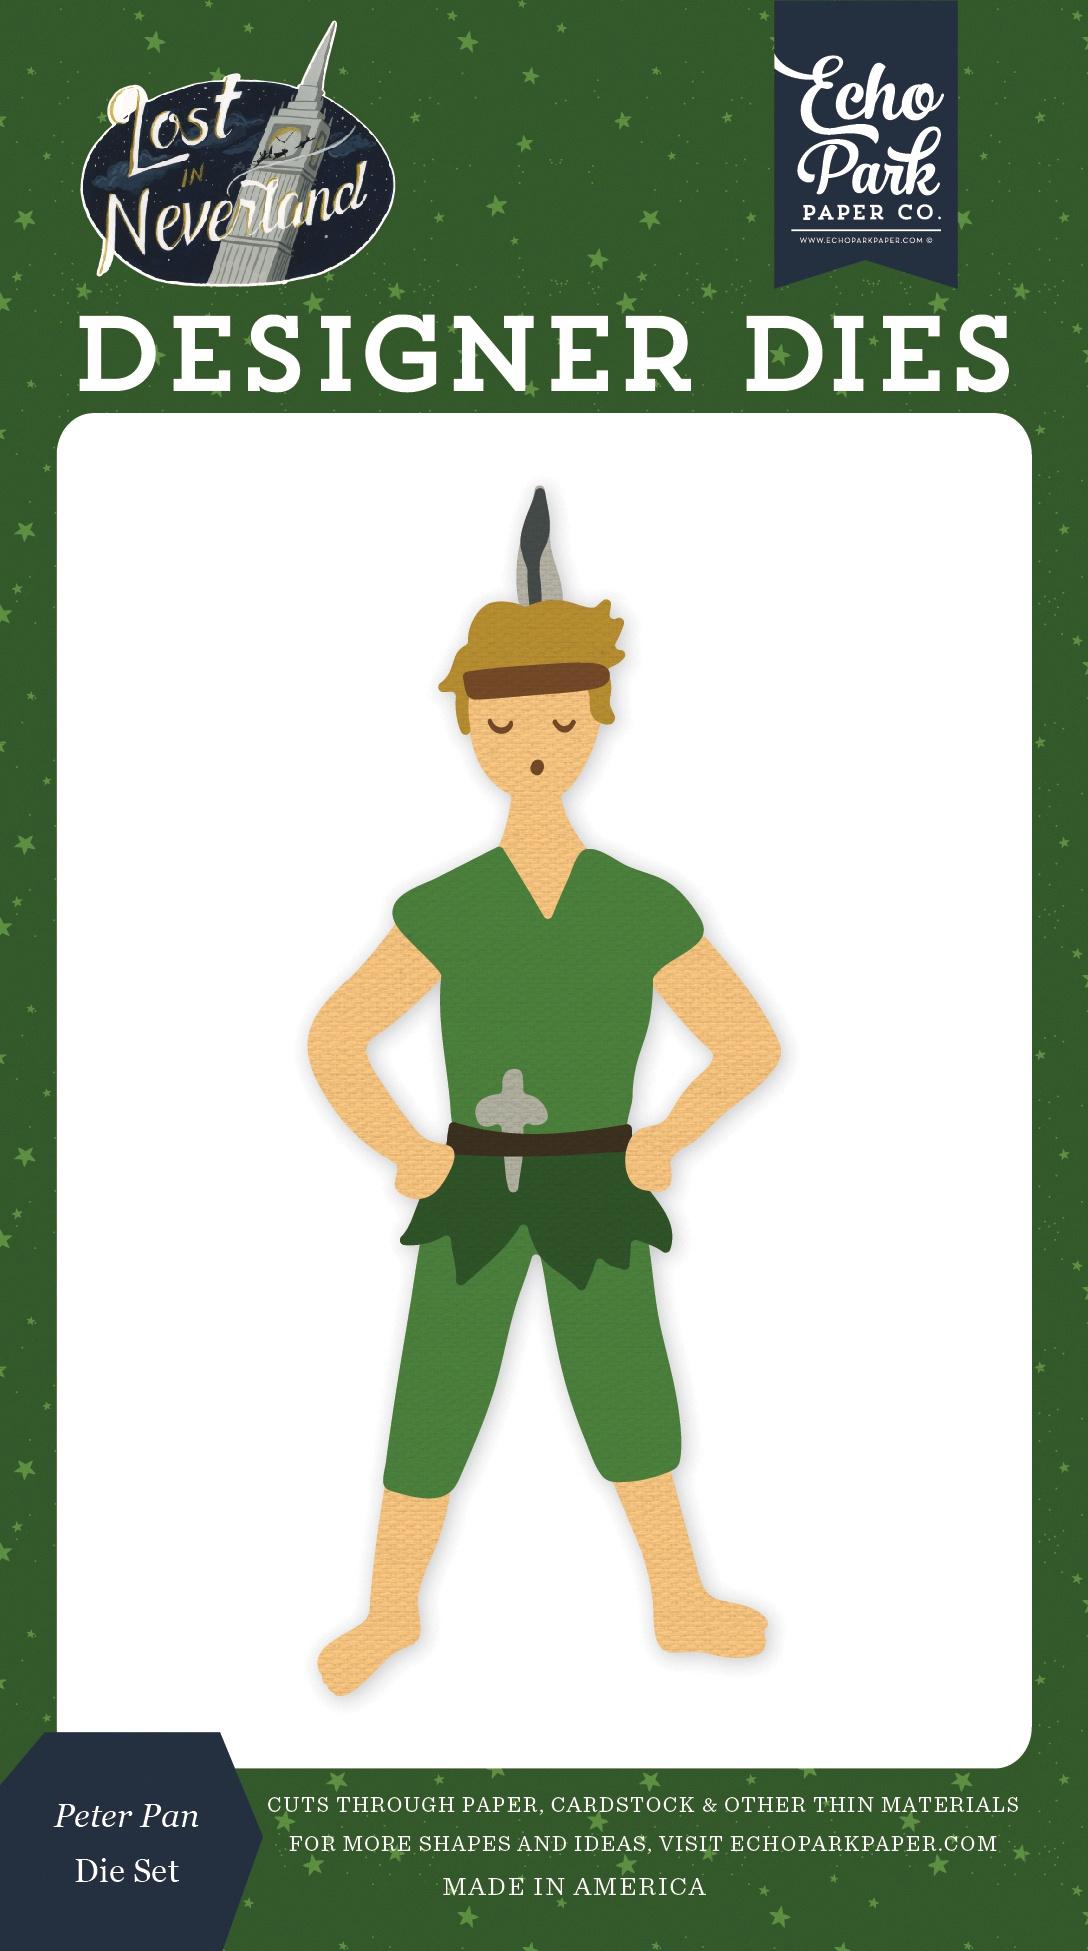 Echo Park Dies-Peter Pan